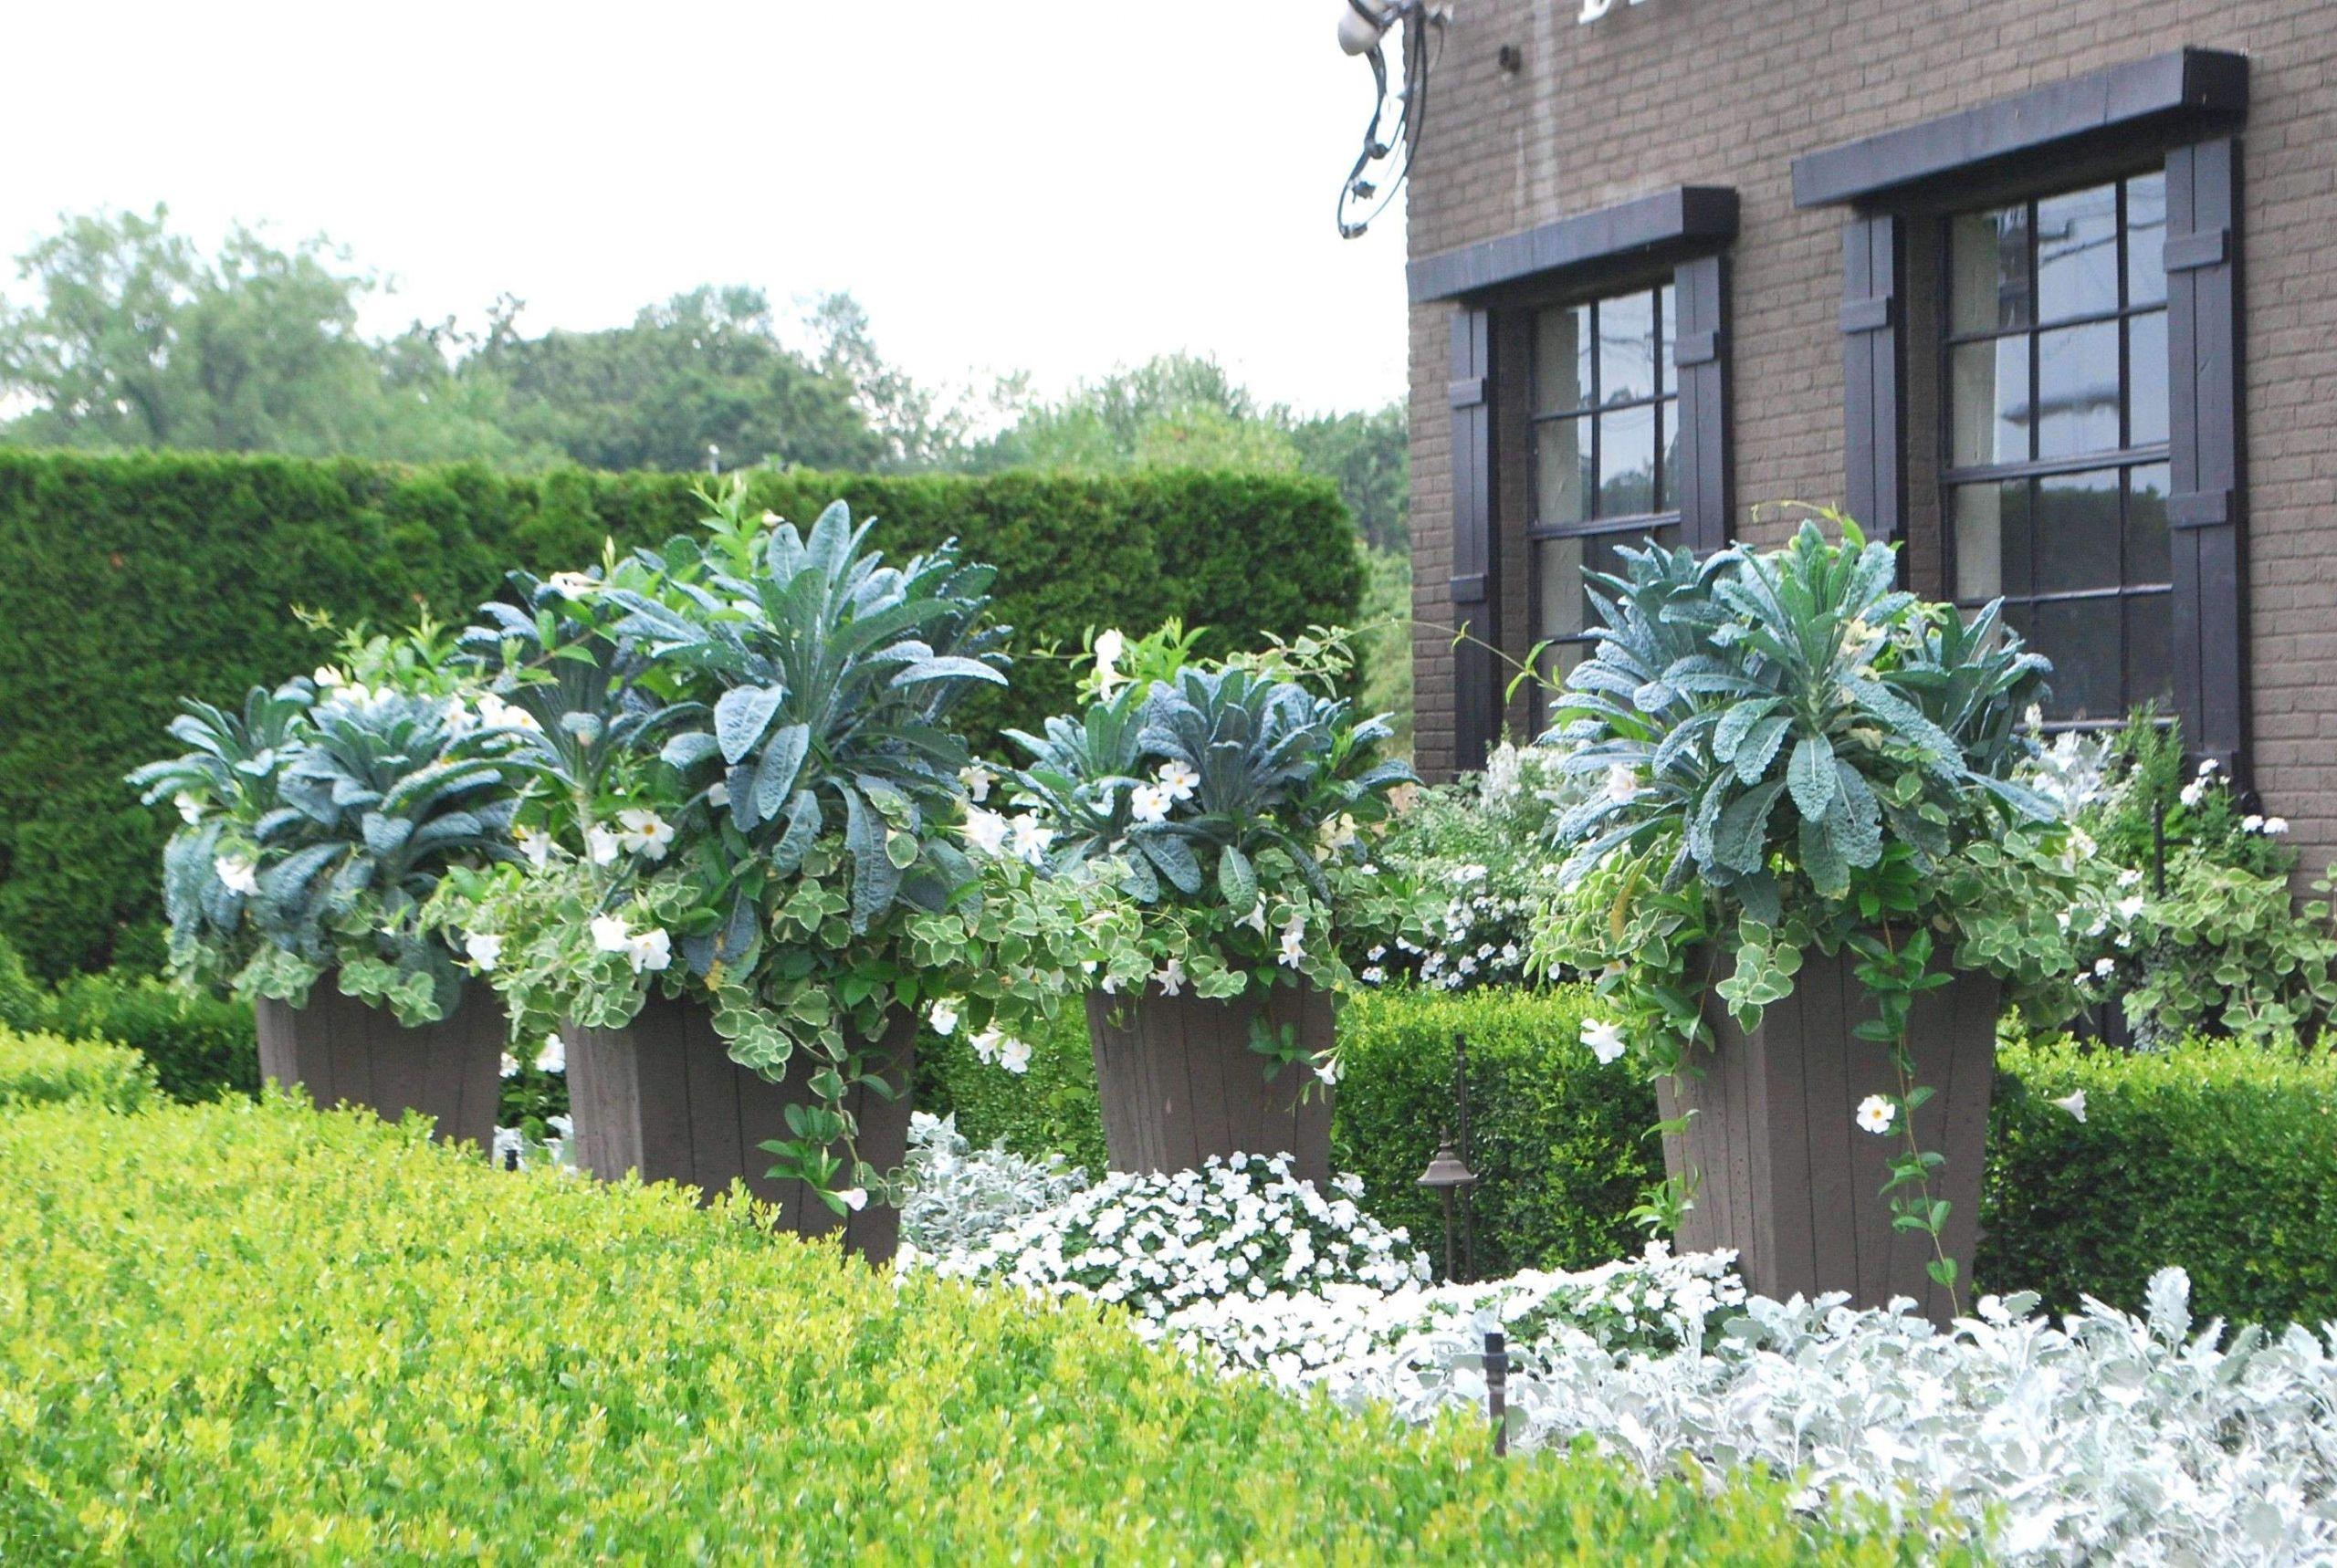 garten sichtschutzelemente inspirierend terrasse sichtschutz terrasse sichtschutz 0d s design of garten sichtschutzelemente